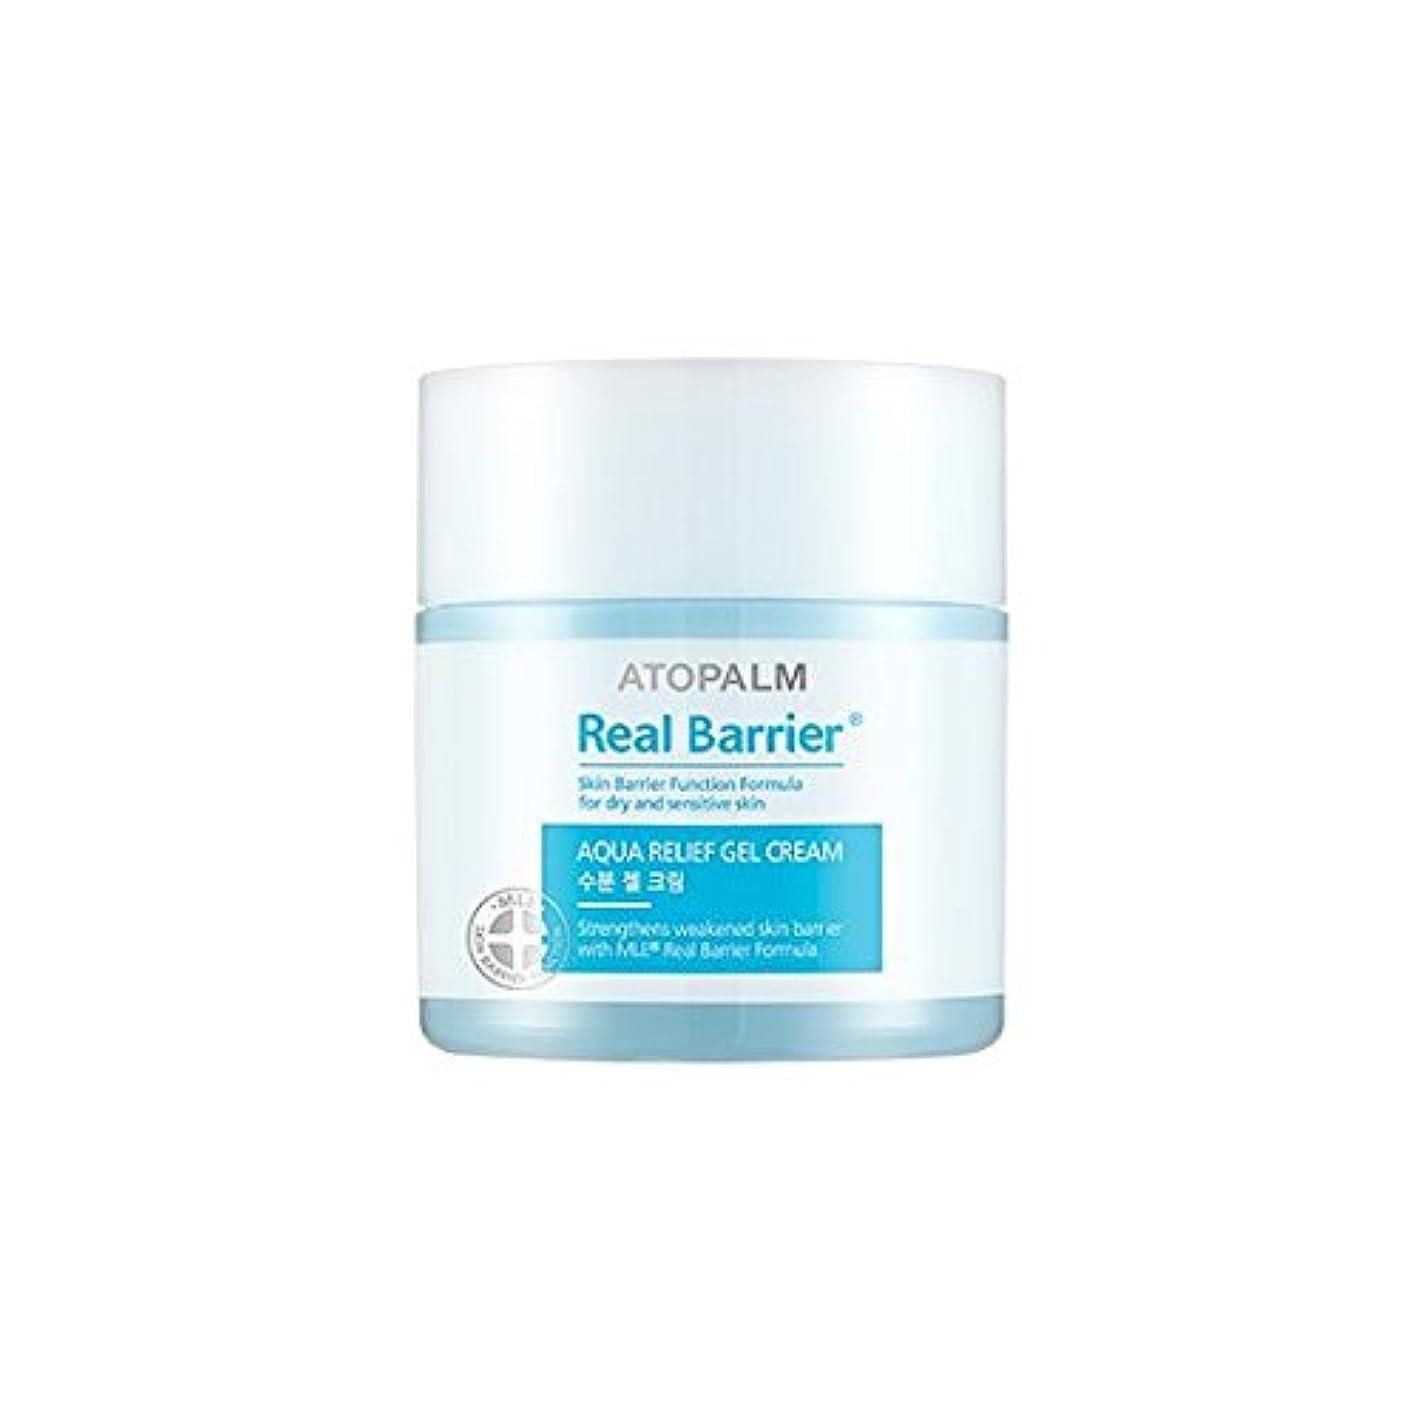 ホステスたるみ慣らすATOPALM Real Barrier Aqua Relief Gel Cream 50ml/アトパーム リアル バリア アクア リリーフ ジェル クリーム 50ml [並行輸入品]